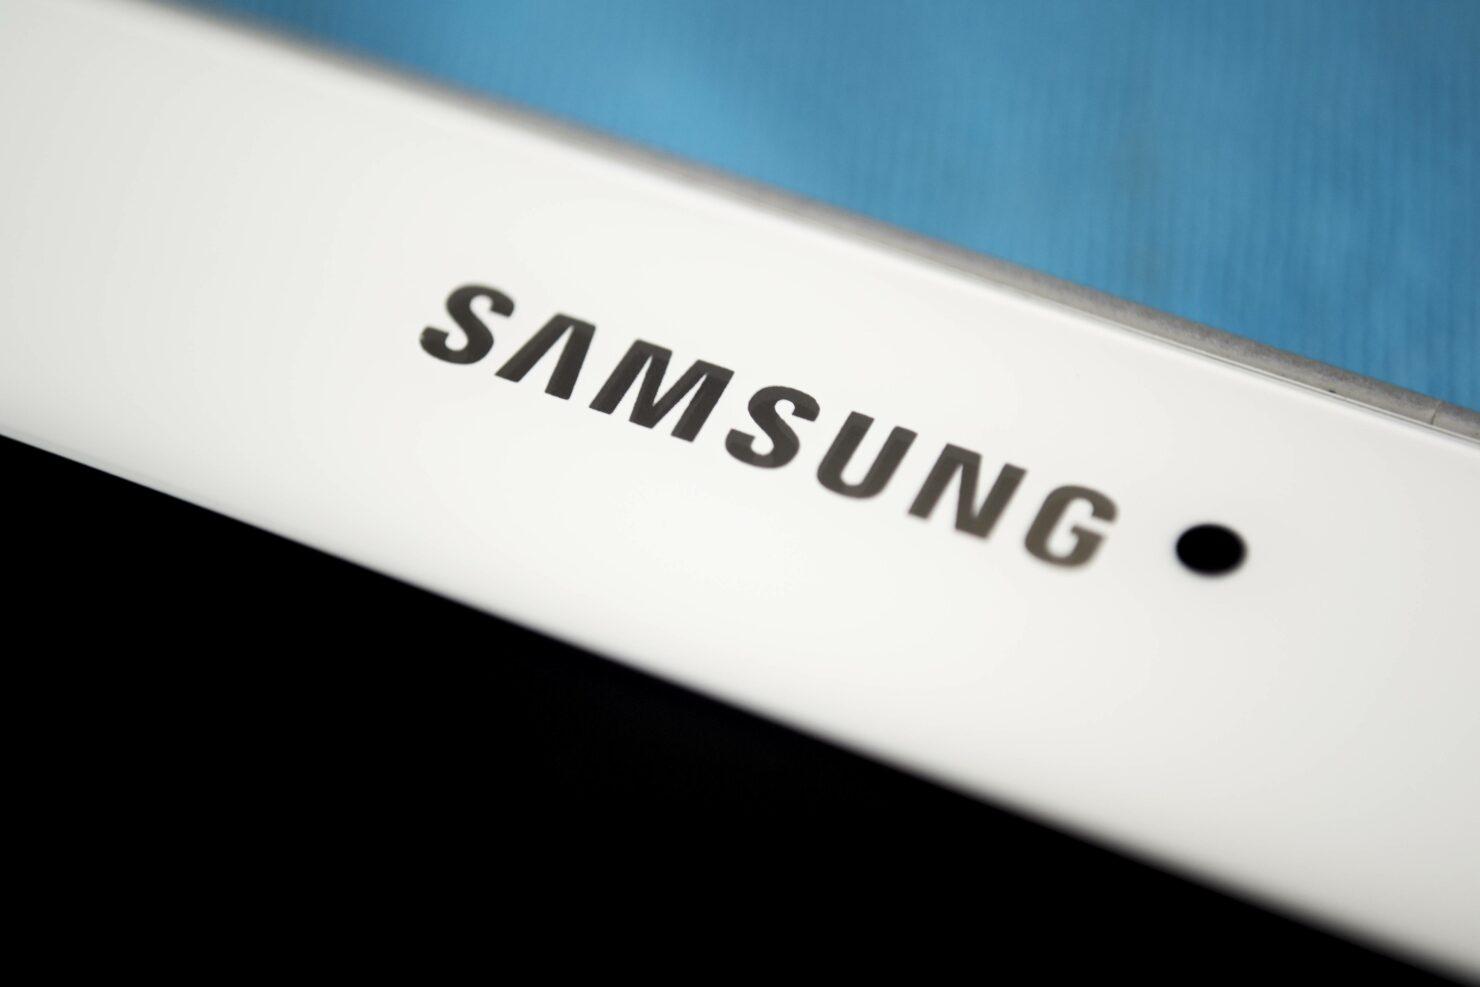 Samsung 90 million phones Q4 2016